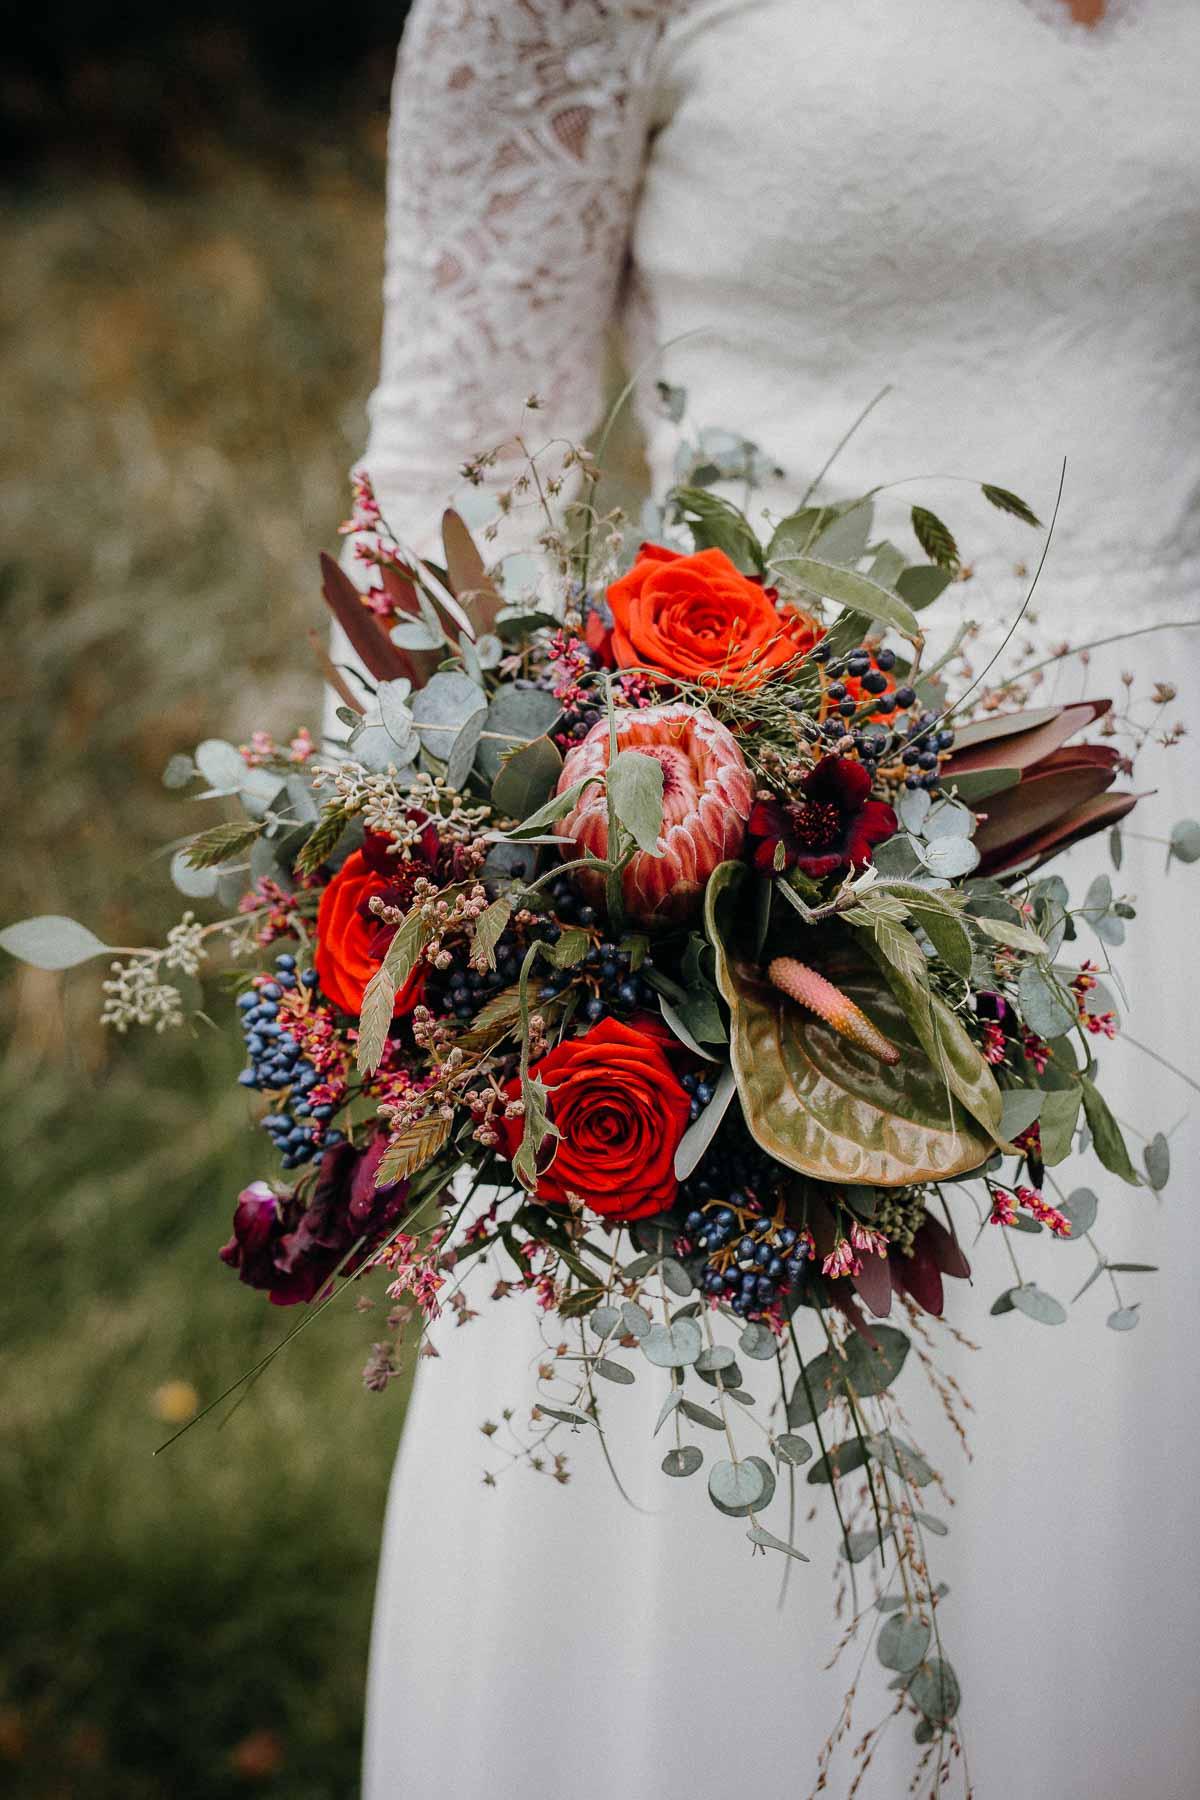 Bryllups fotograf - Herning - Århus - Viborg - Aalborg - Kolding ...